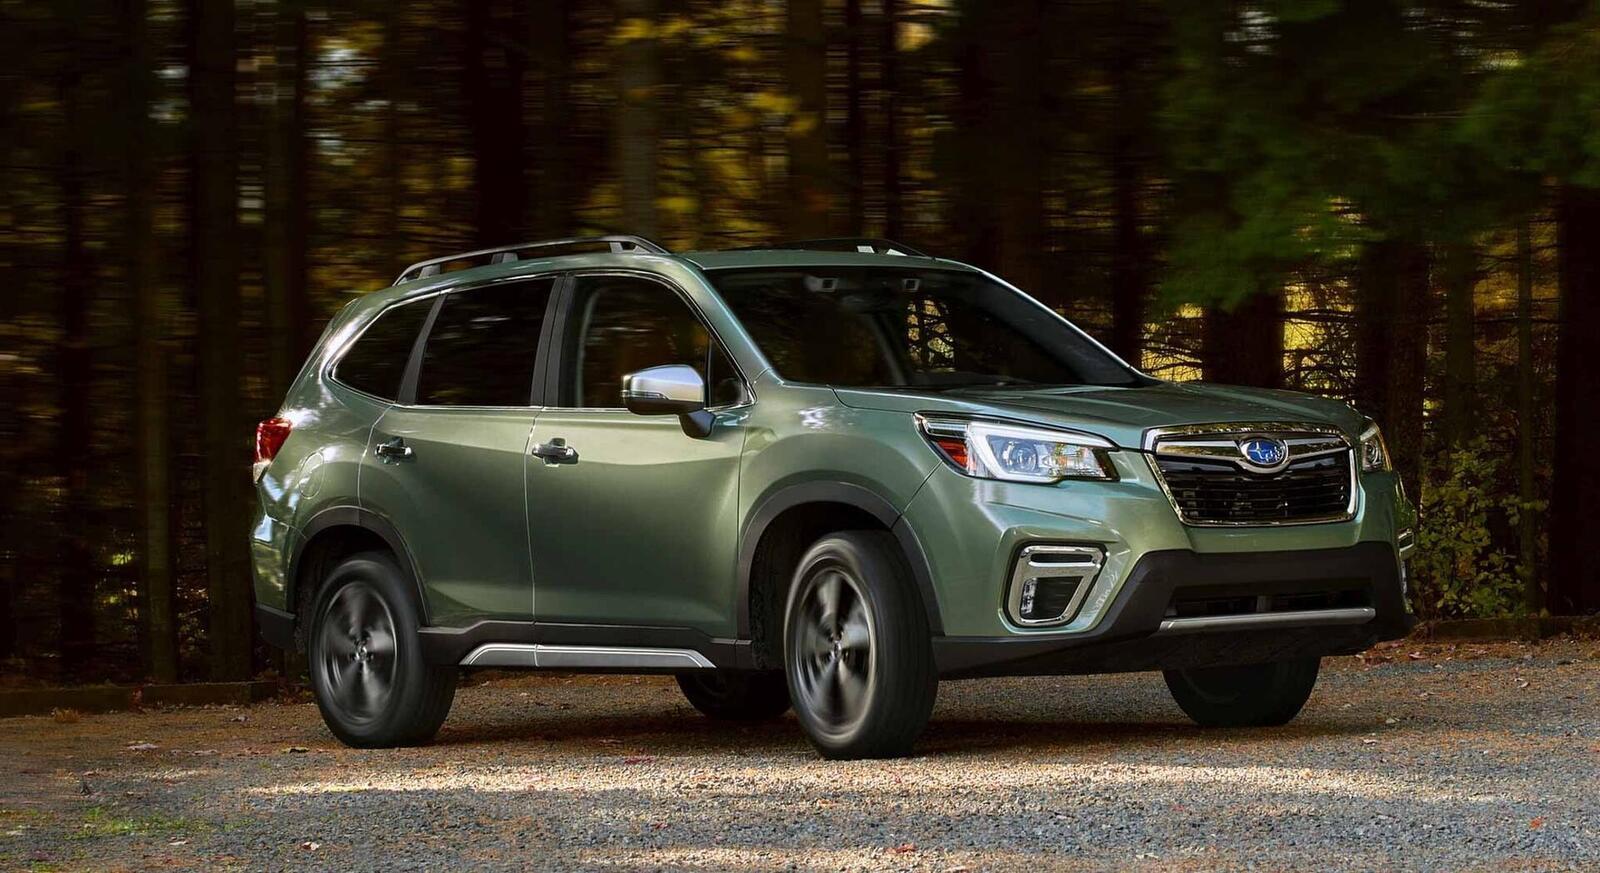 Sự khác biệt giữa Subaru Forester thế hệ mới và cũ - Hình 7